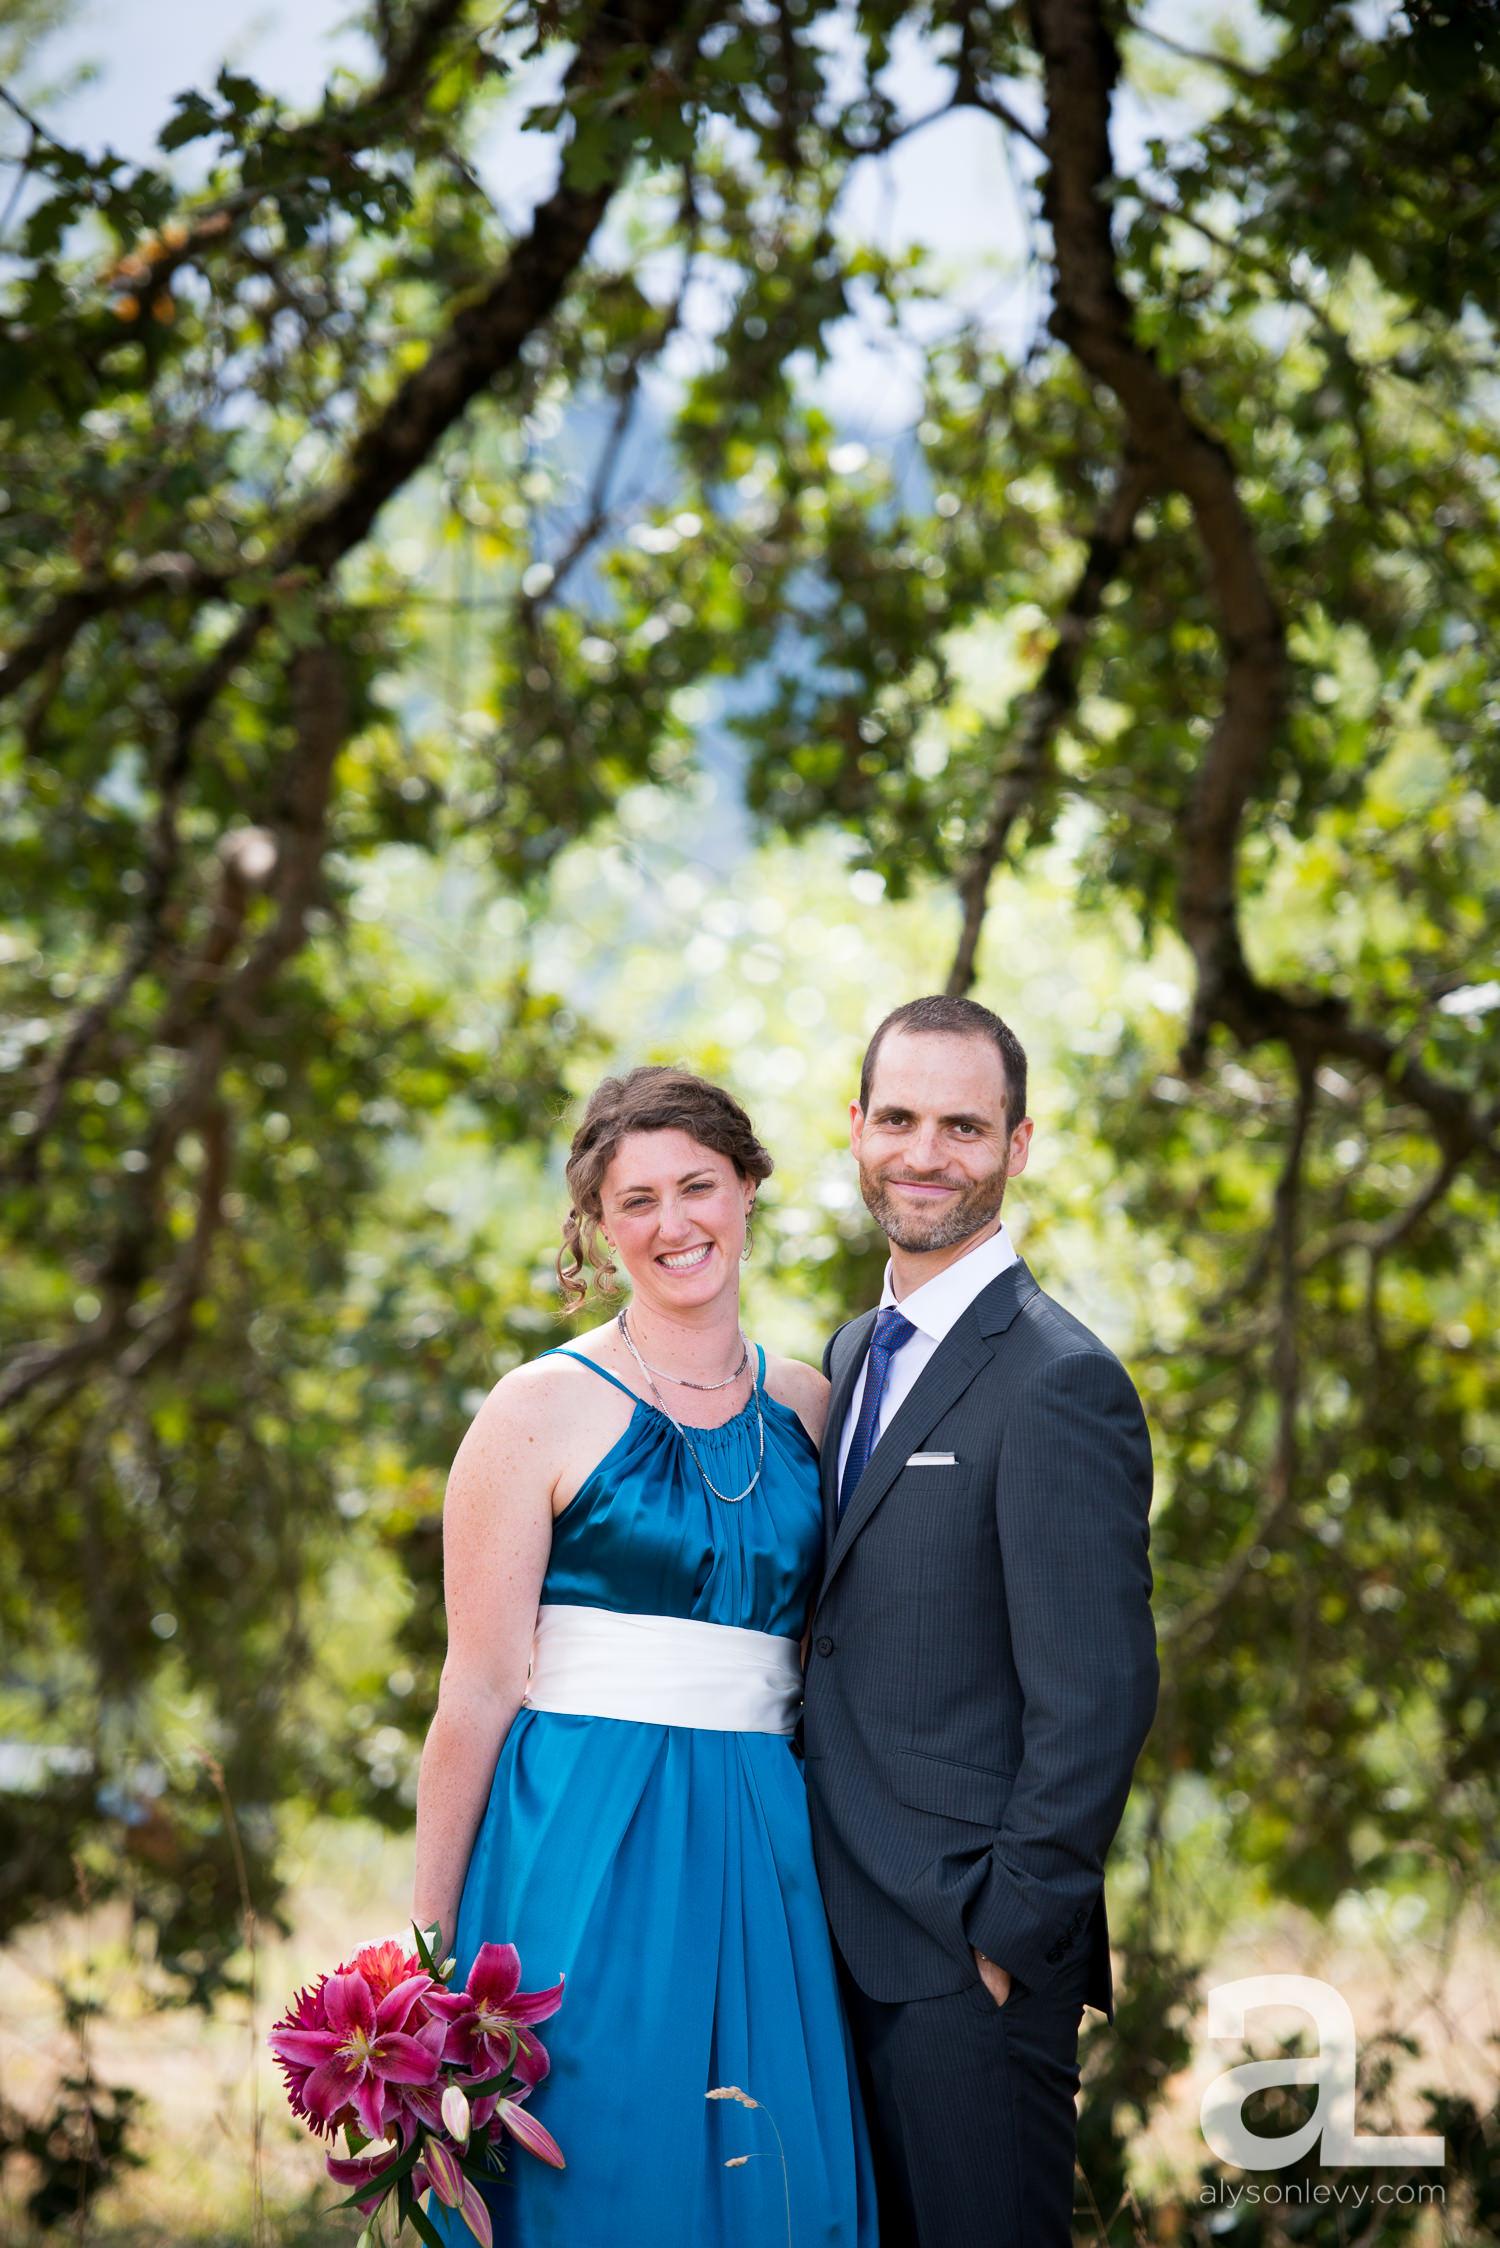 Overlook-House-Portland-Wedding-Photography-006.jpg